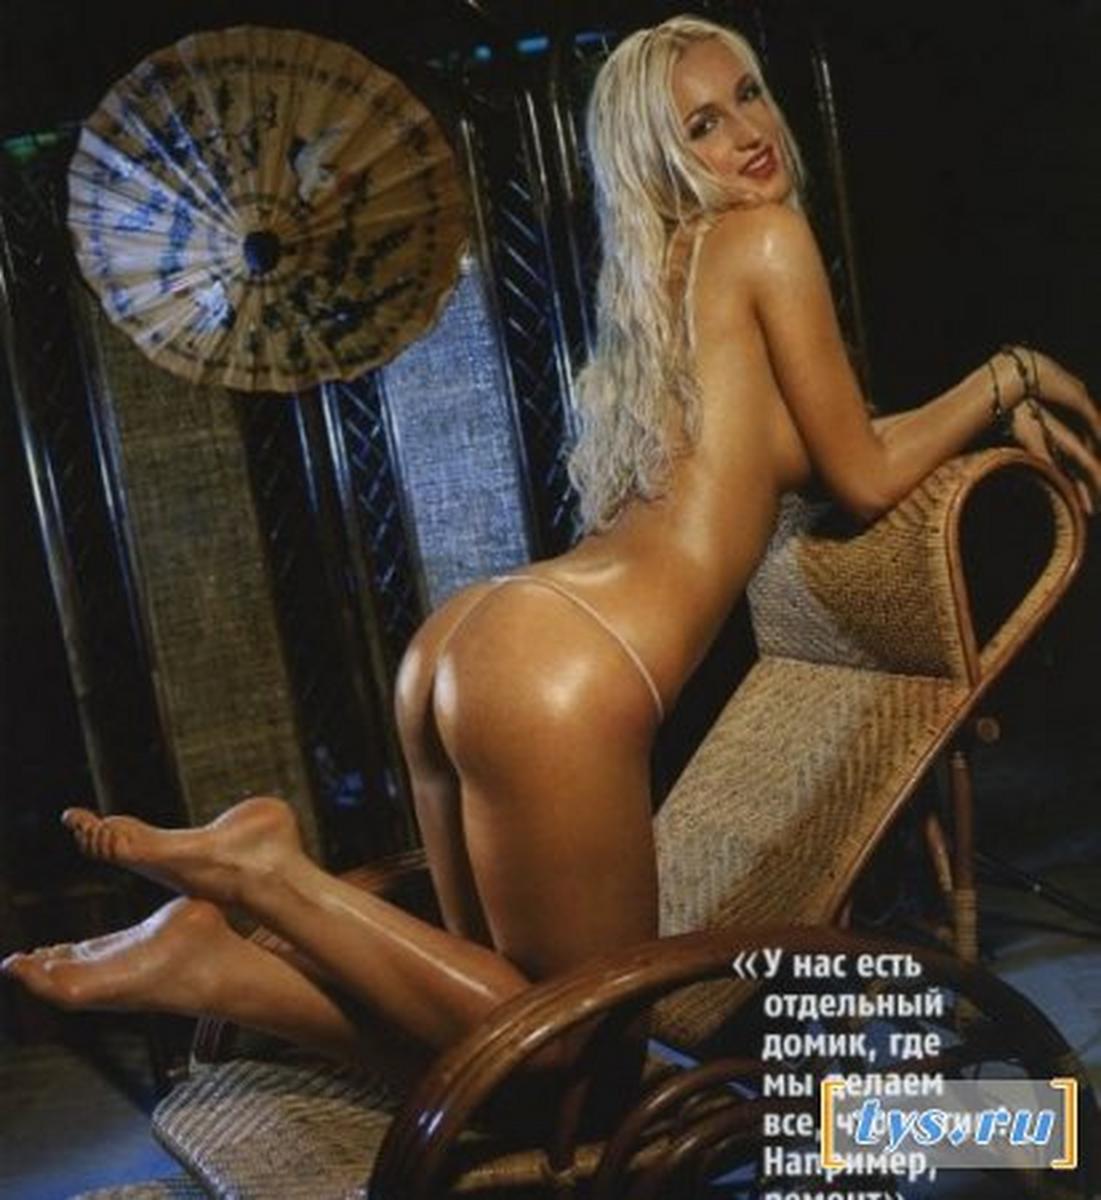 Смотреть секс с бузовой онлайн 10 фотография